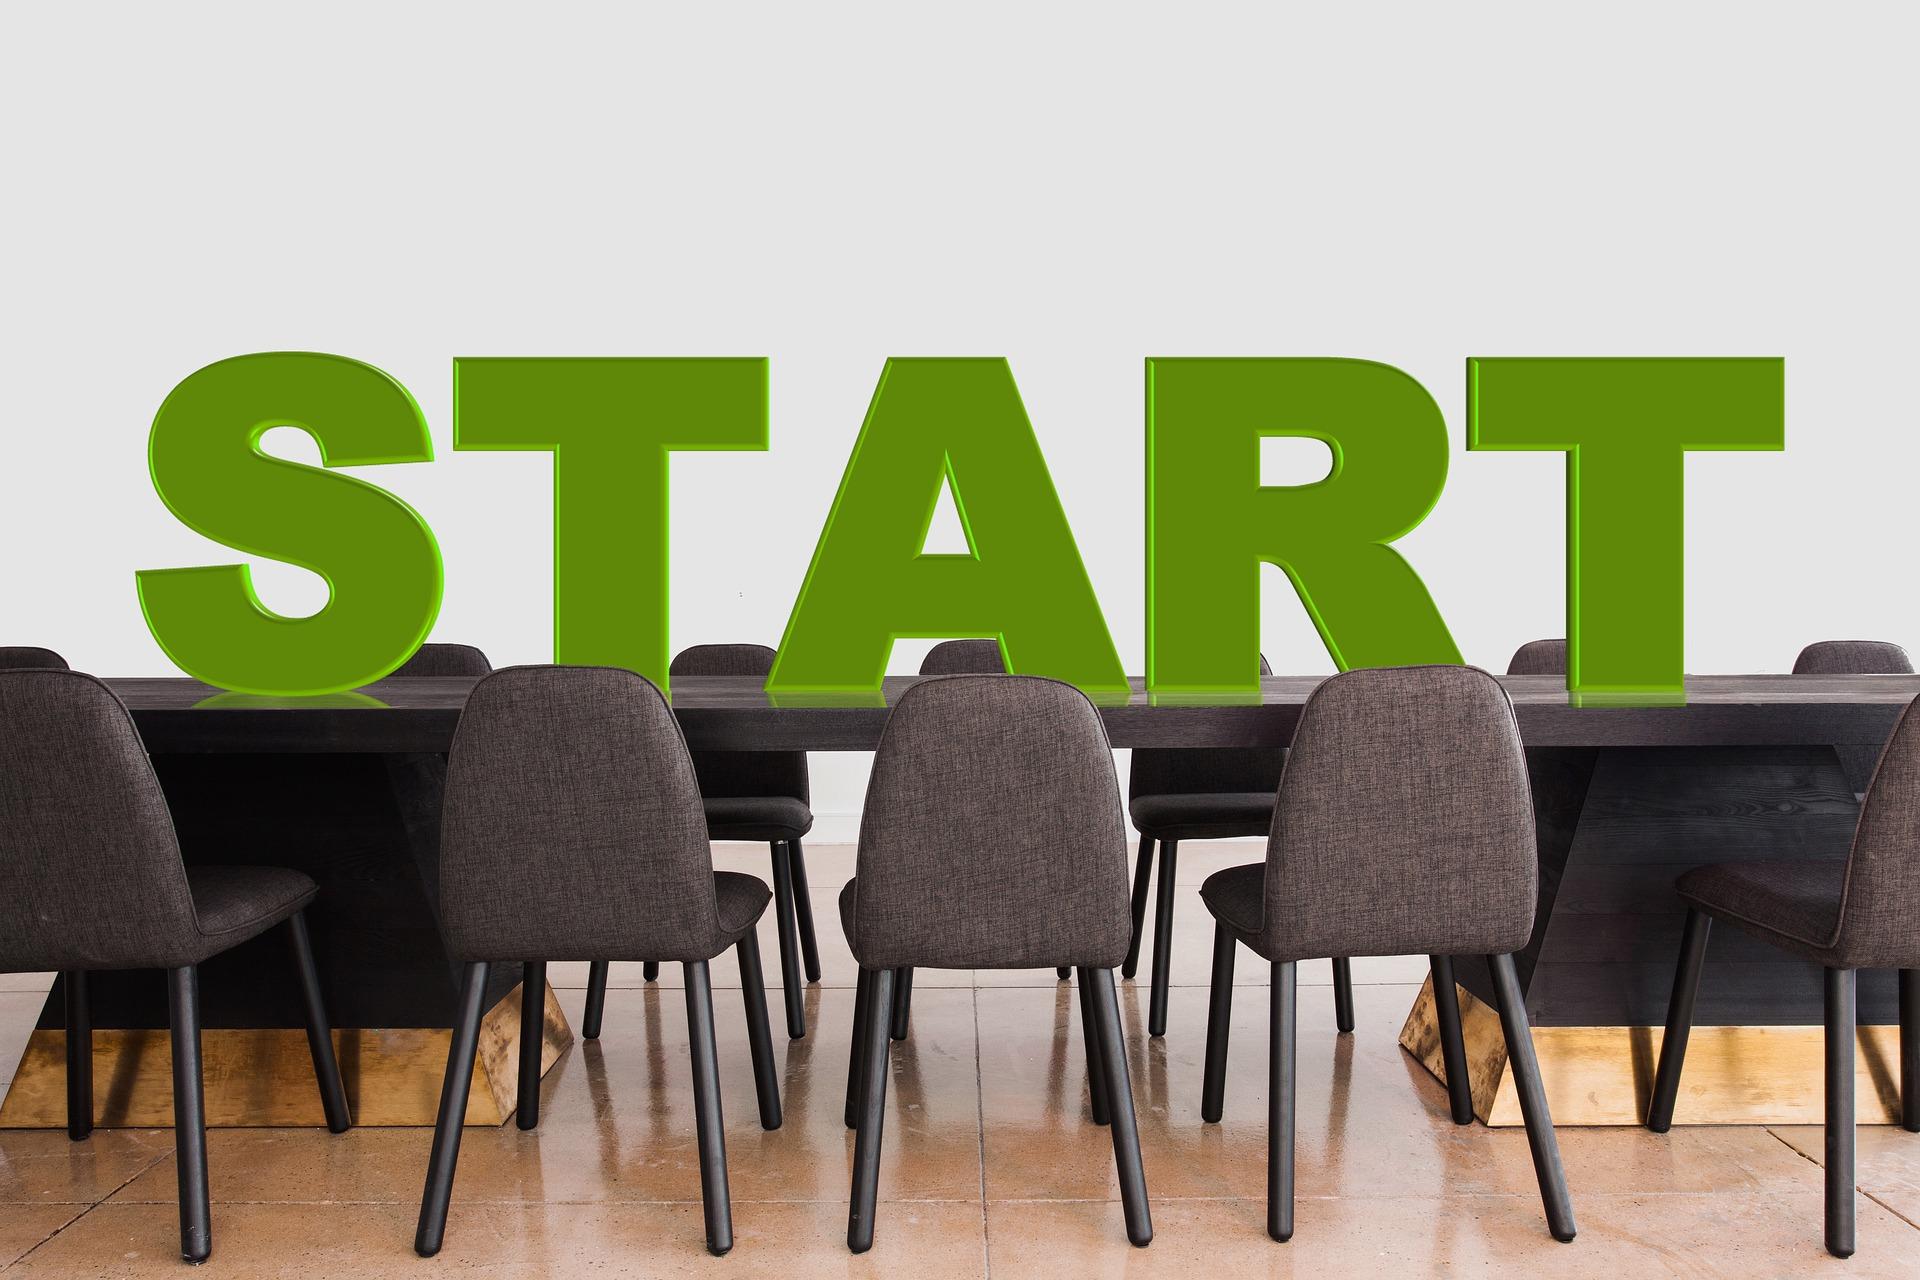 今から始めるフリーランスにお勧め!初心者が取り組みやすい仕事3選